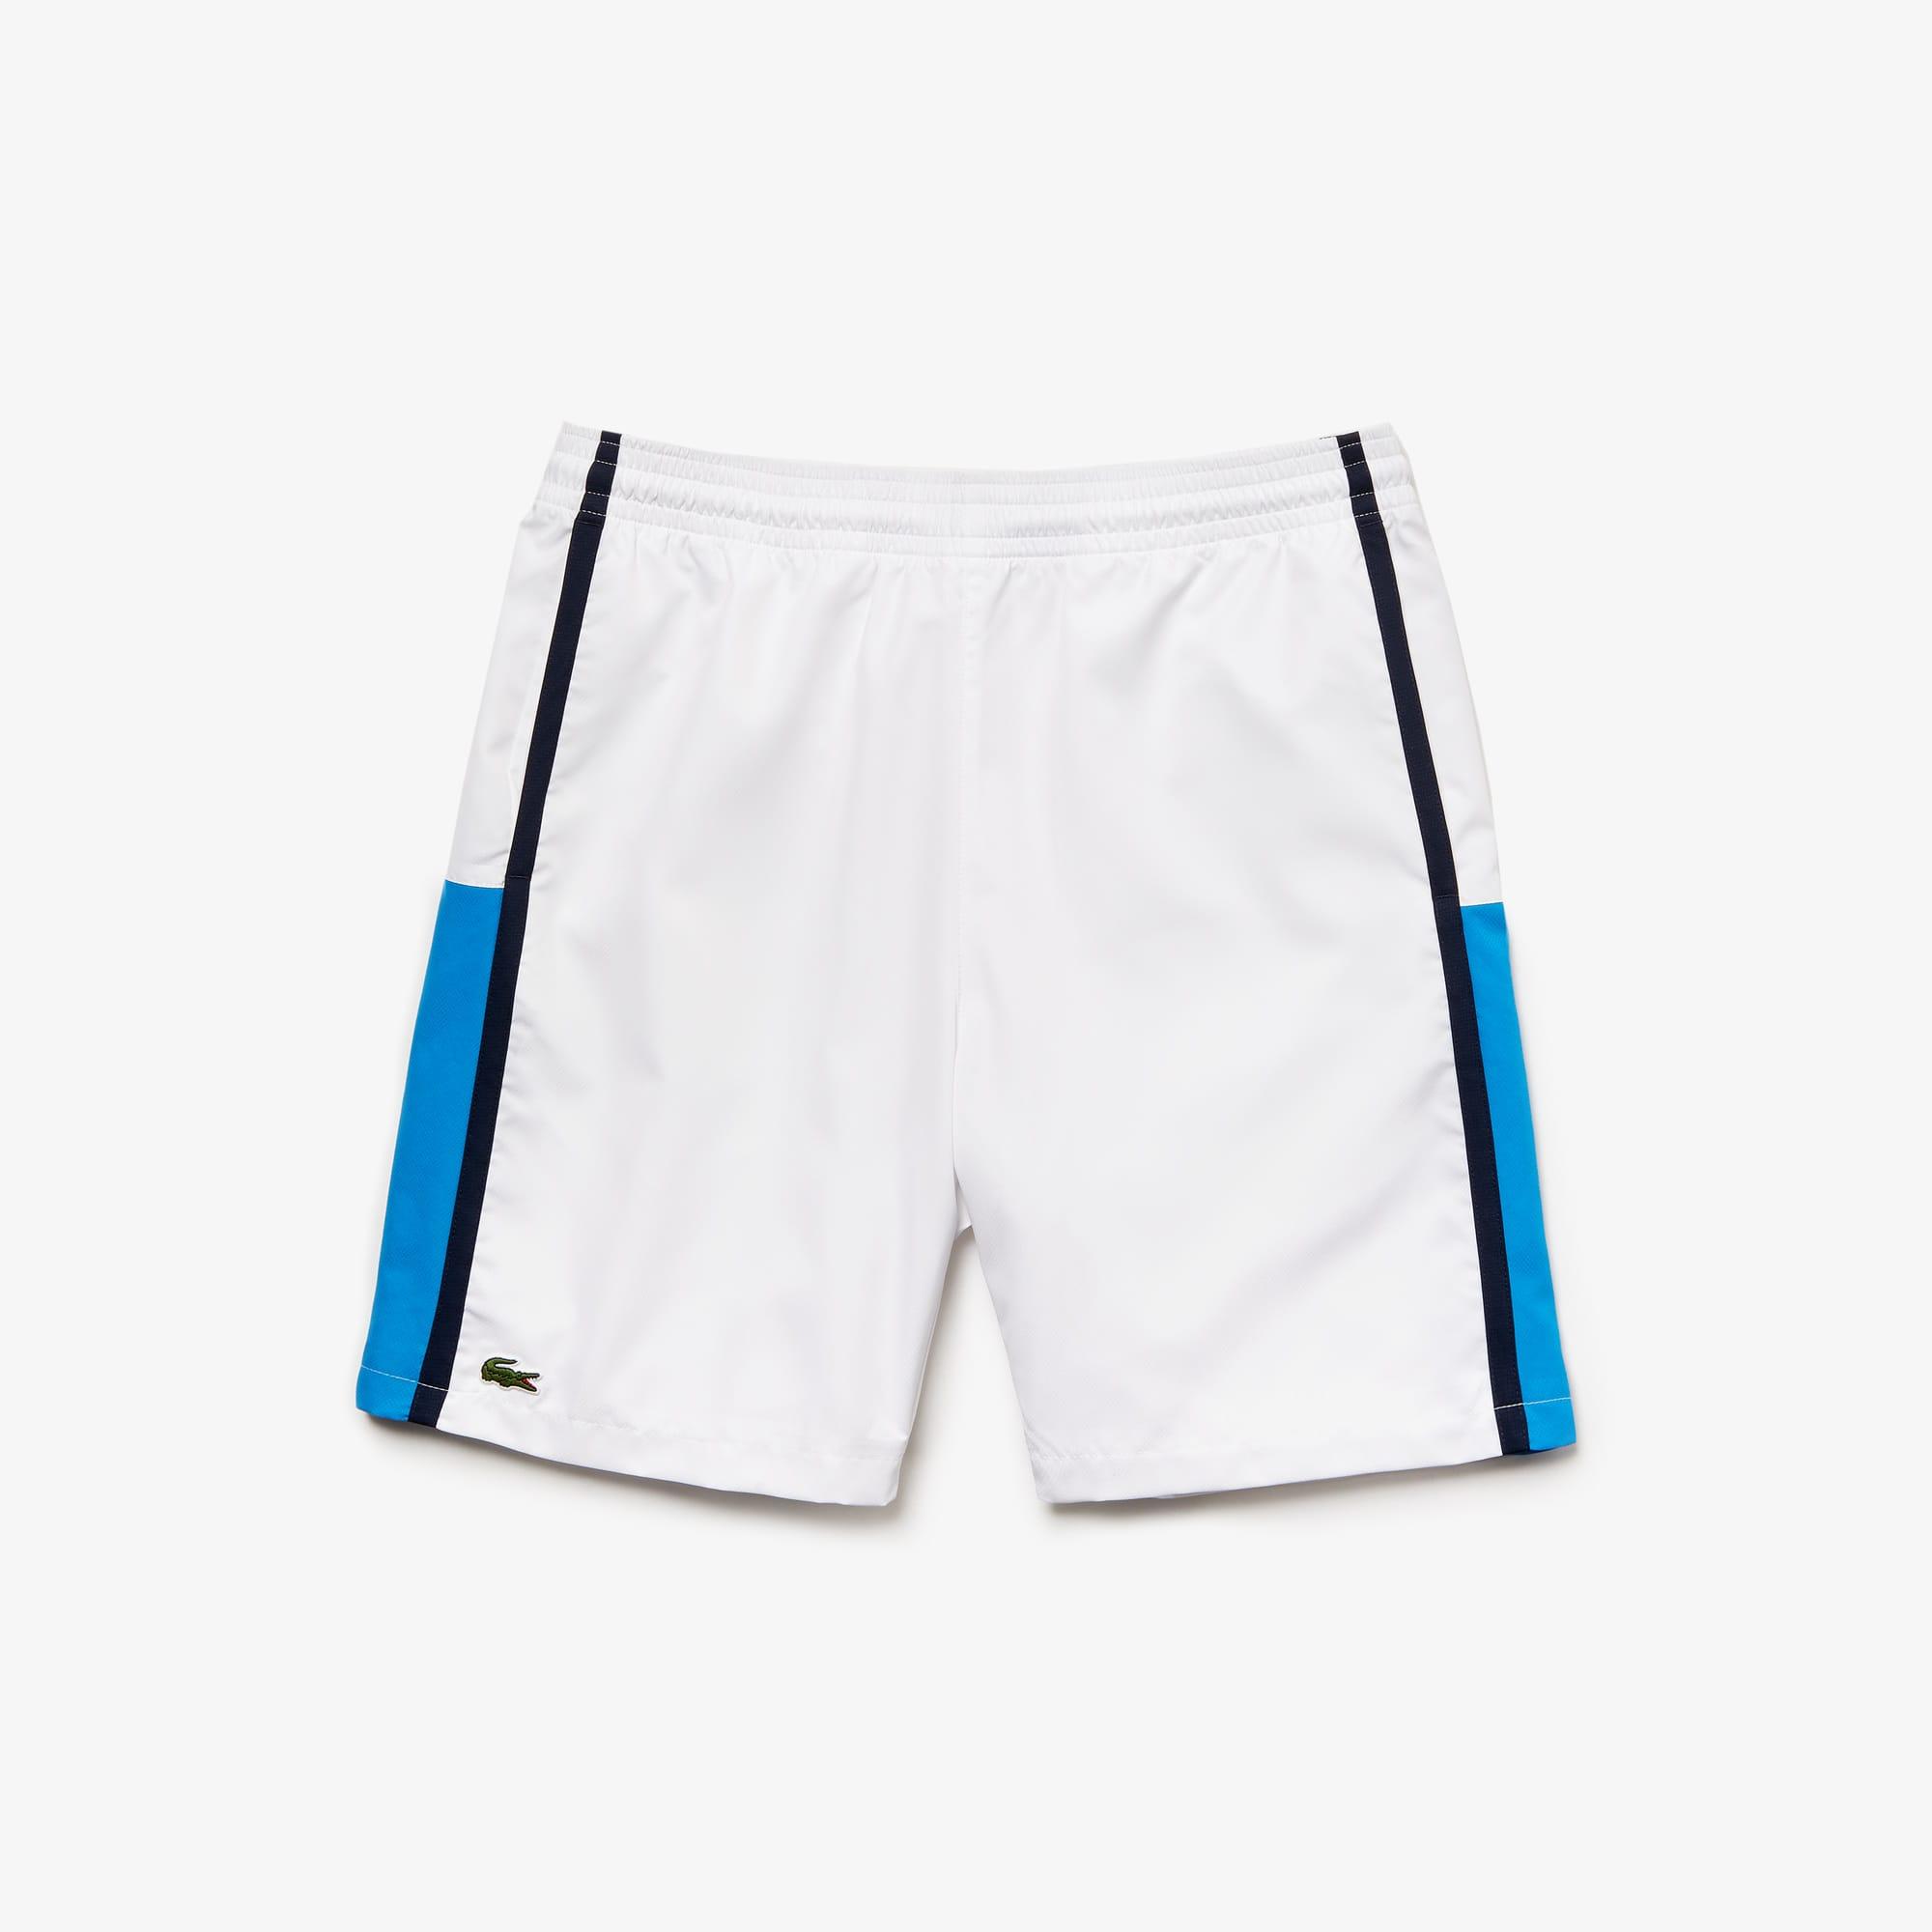 라코스테 Lacoste Mens SPORT Taffeta Tennis Shorts,white / blue / navy blue